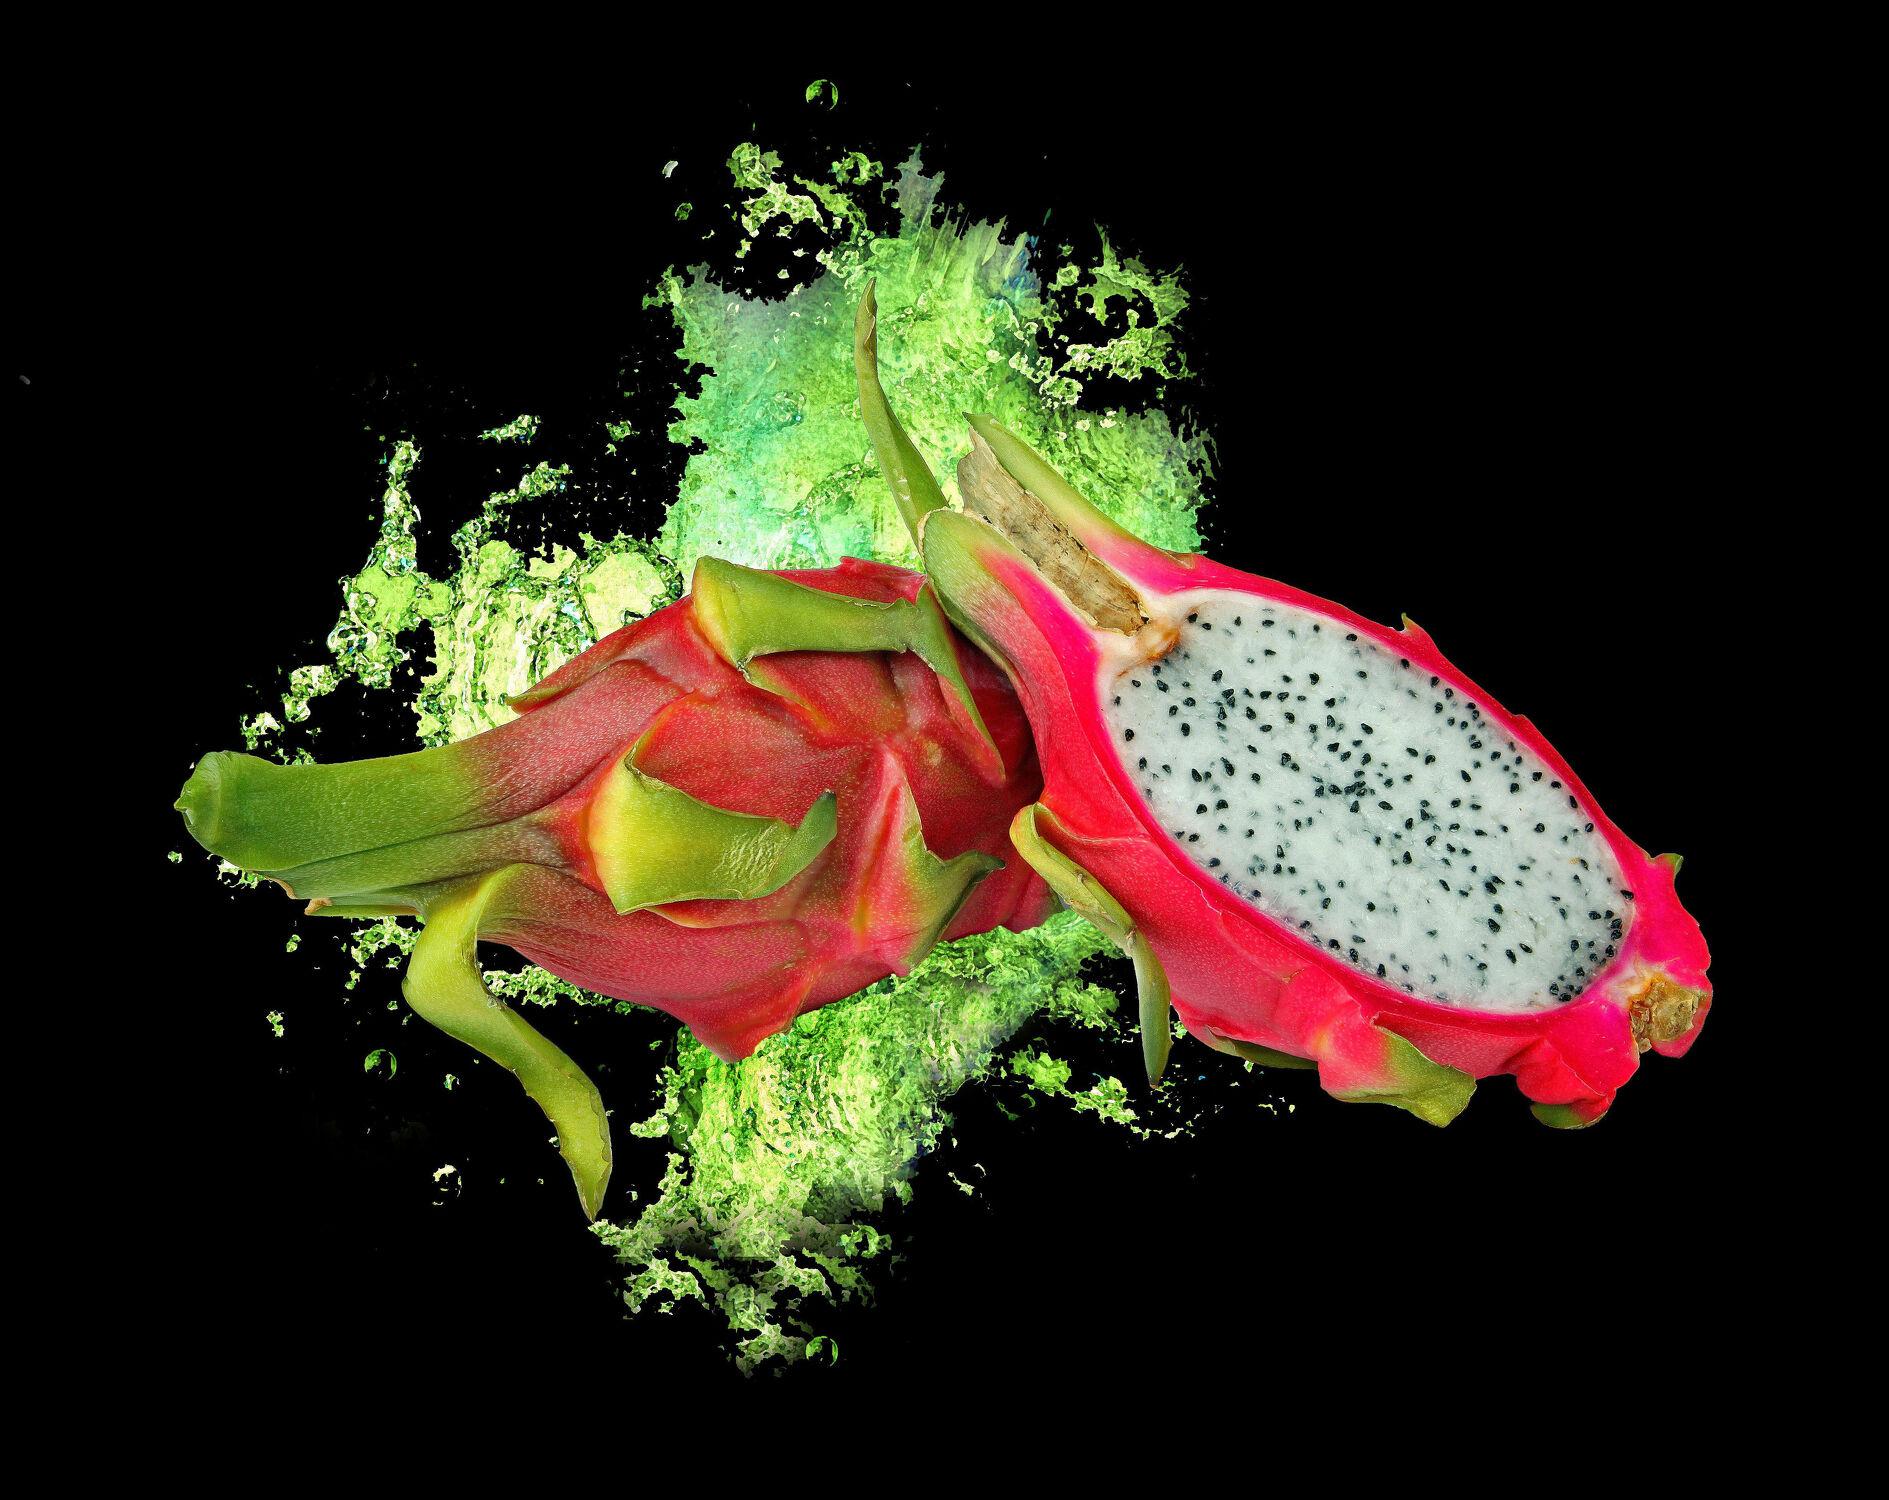 Bild mit Früchte, Frucht, Obst, Küchenbild, Food, Küchenbilder, KITCHEN, Küche, Küchen, Pitahaya, Drachenfrucht